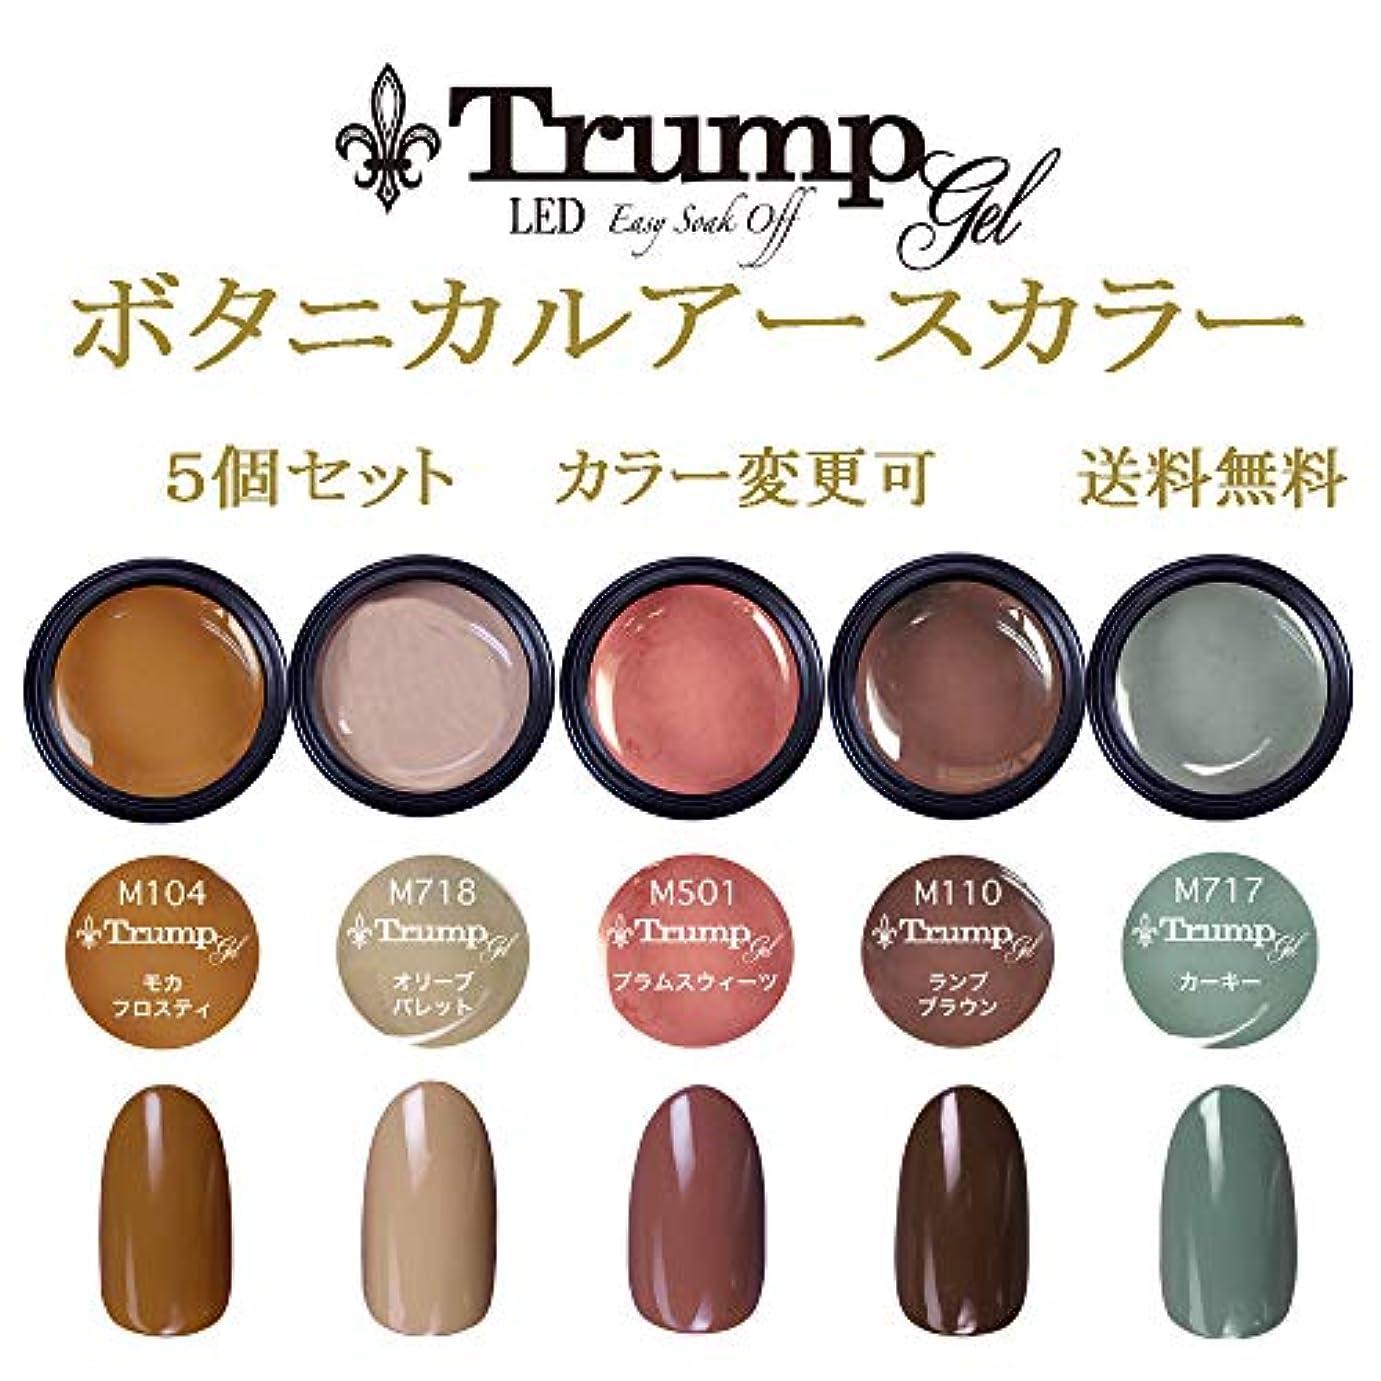 圧縮アンタゴニスト助言する【送料無料】日本製 Trump gel ボタニカルアースカラージェル5個セット 人気のボタニカルカラーをセット